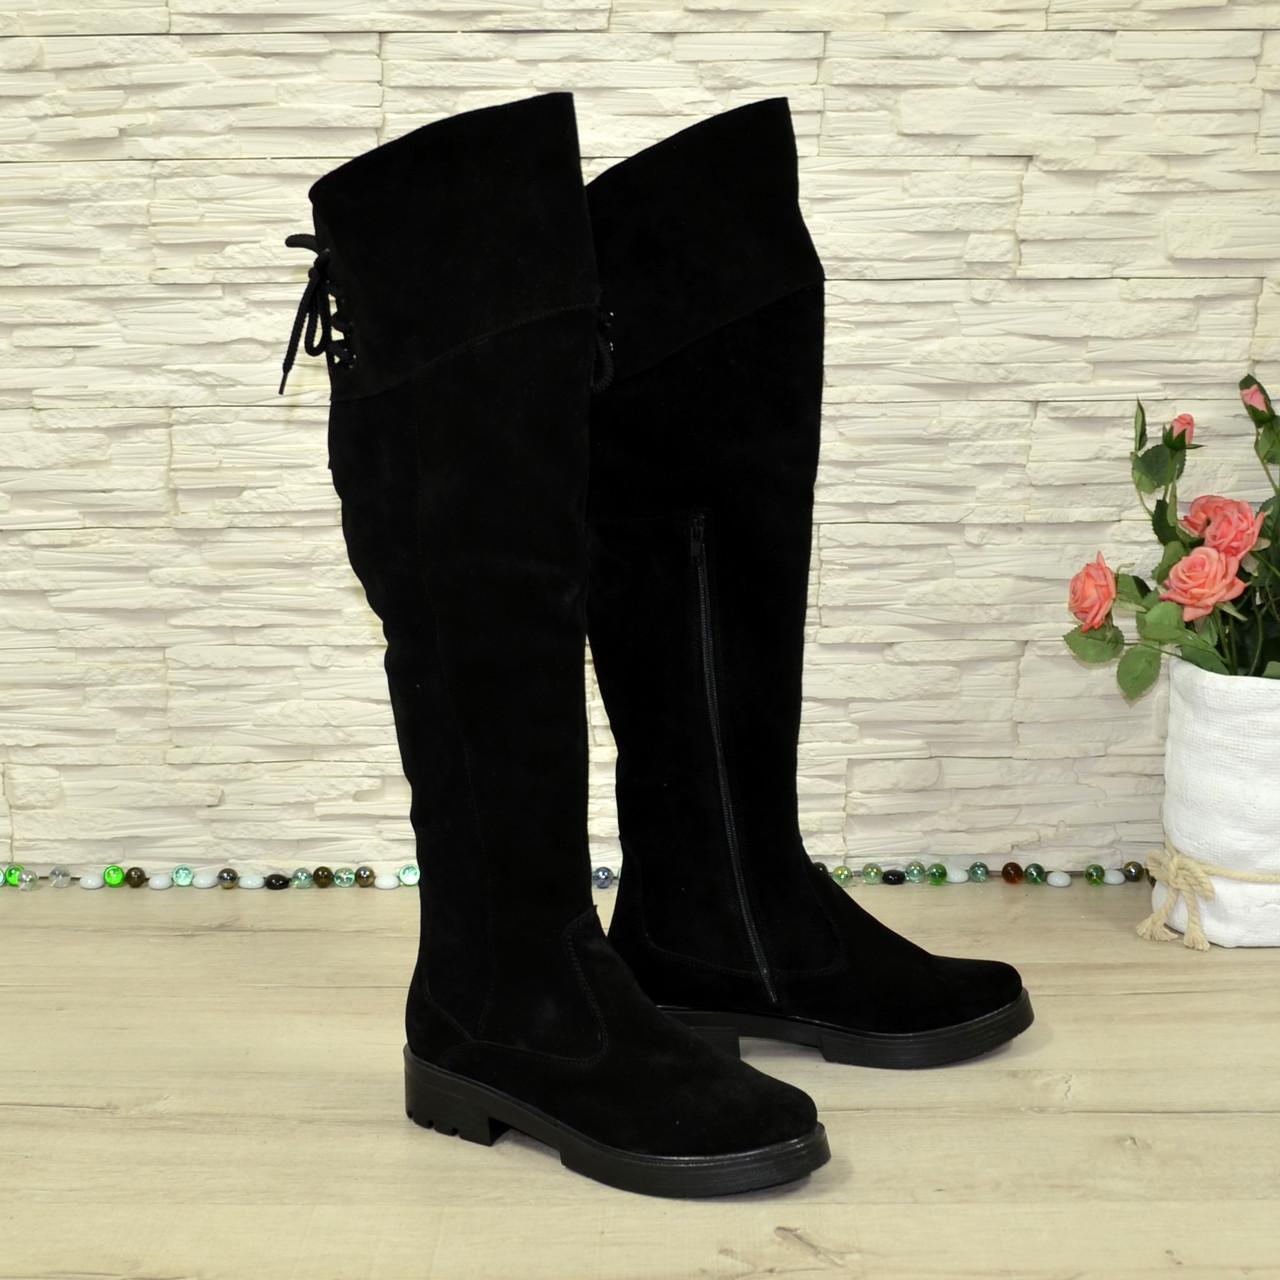 Ботфорты зимние женские черные замшевые на утолщенной подошве